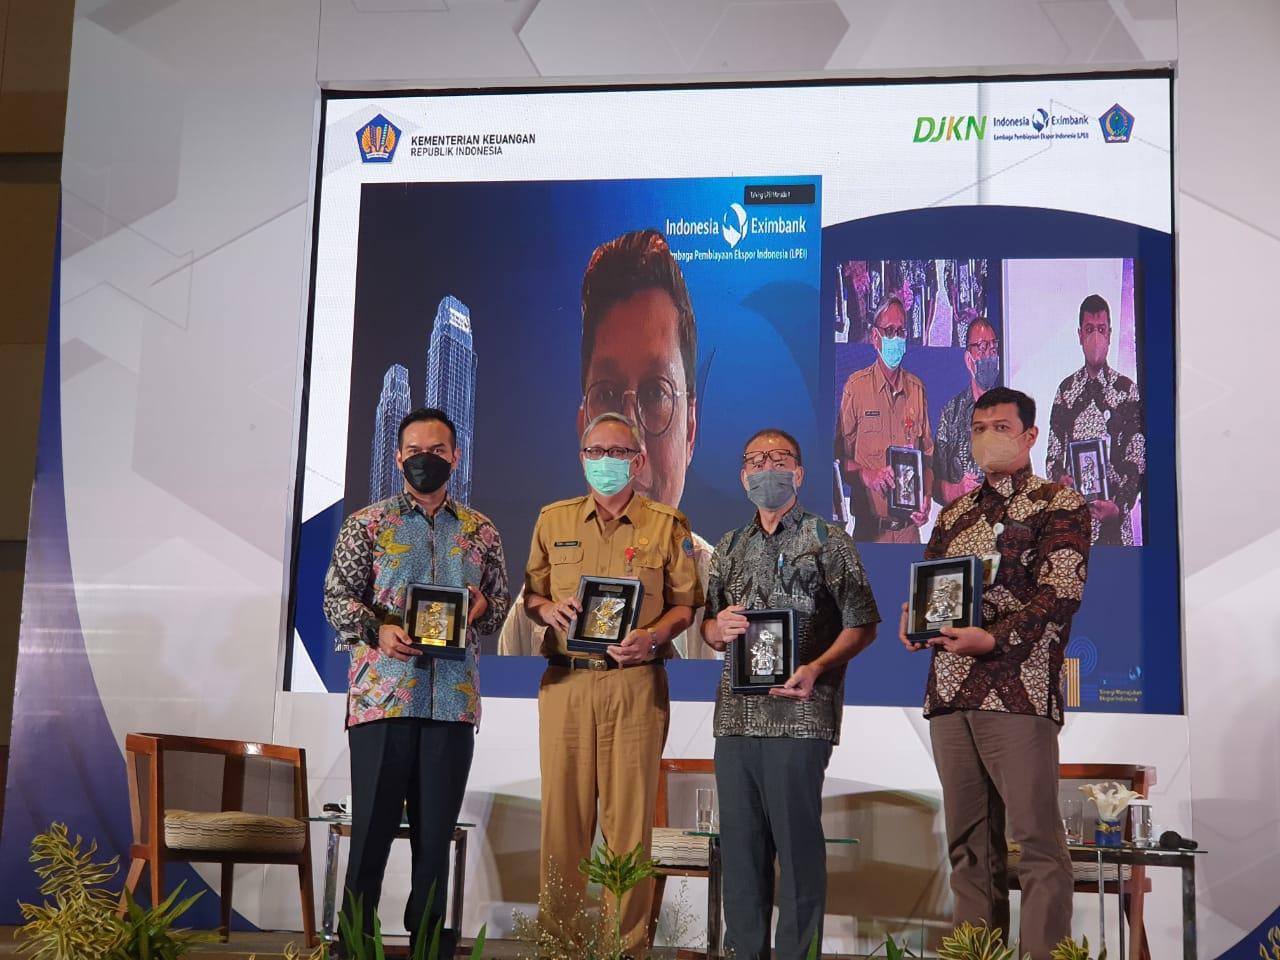 DJKN, LPEI, & Pemprov Sulut Bersinergi Tingkatkan Potensi Sulut sebagai Gerbang UKM Ekspor di Timur Indonesia